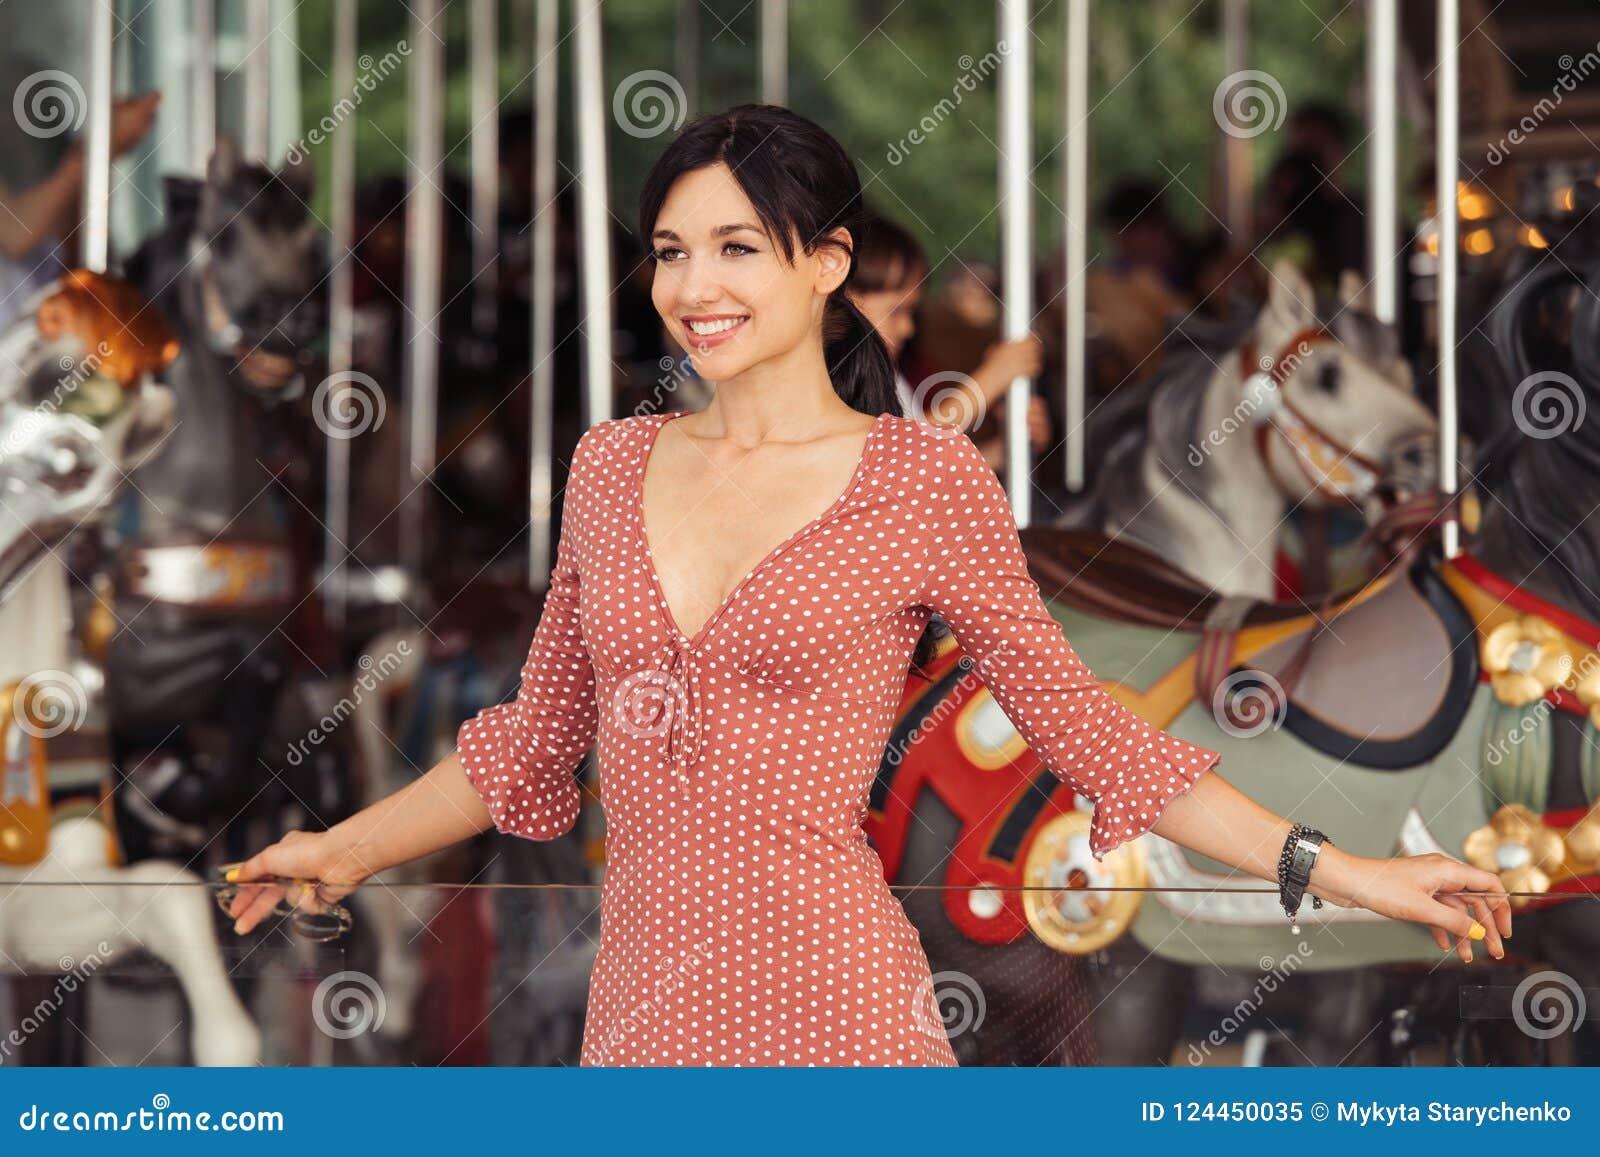 Mujer en la diversión emocionada y feliz esperando el paseo en el carrusel